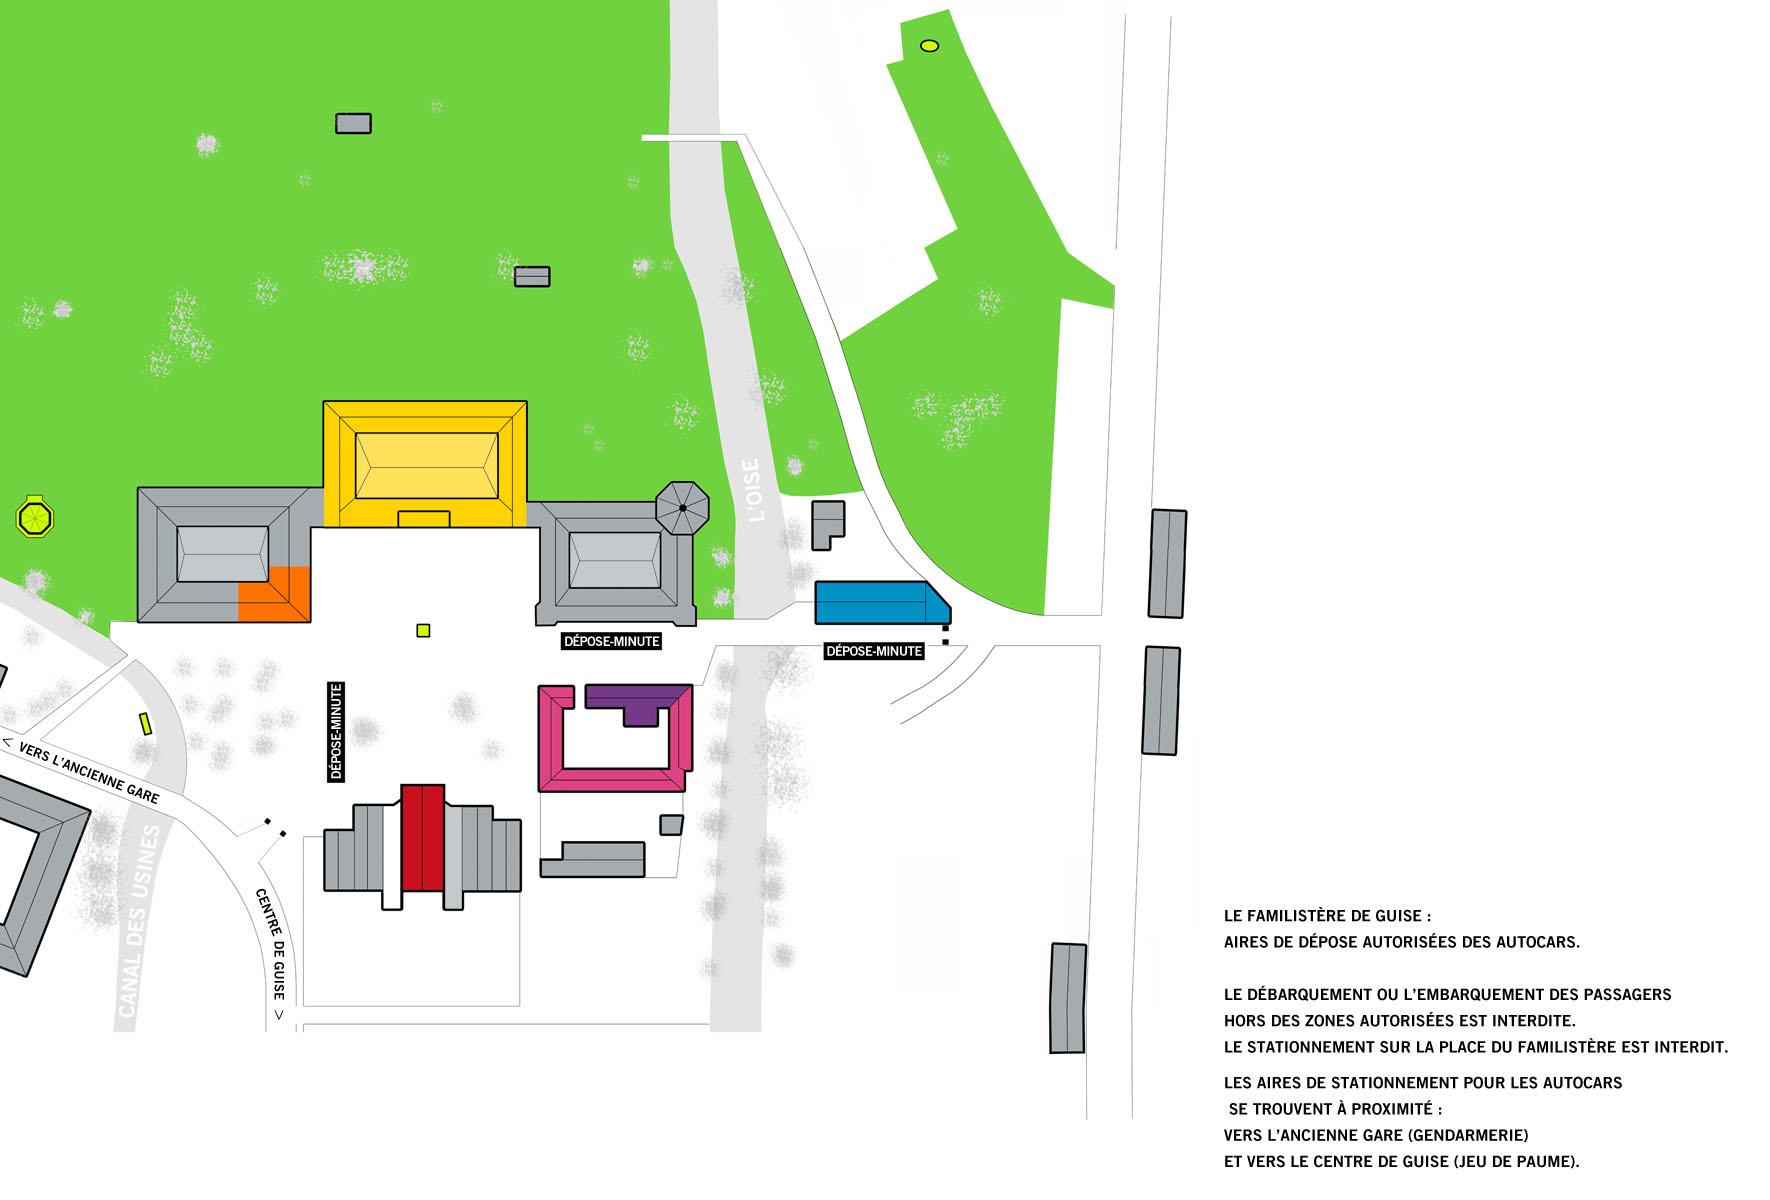 Plan des aires de dépose autorisées des autocars